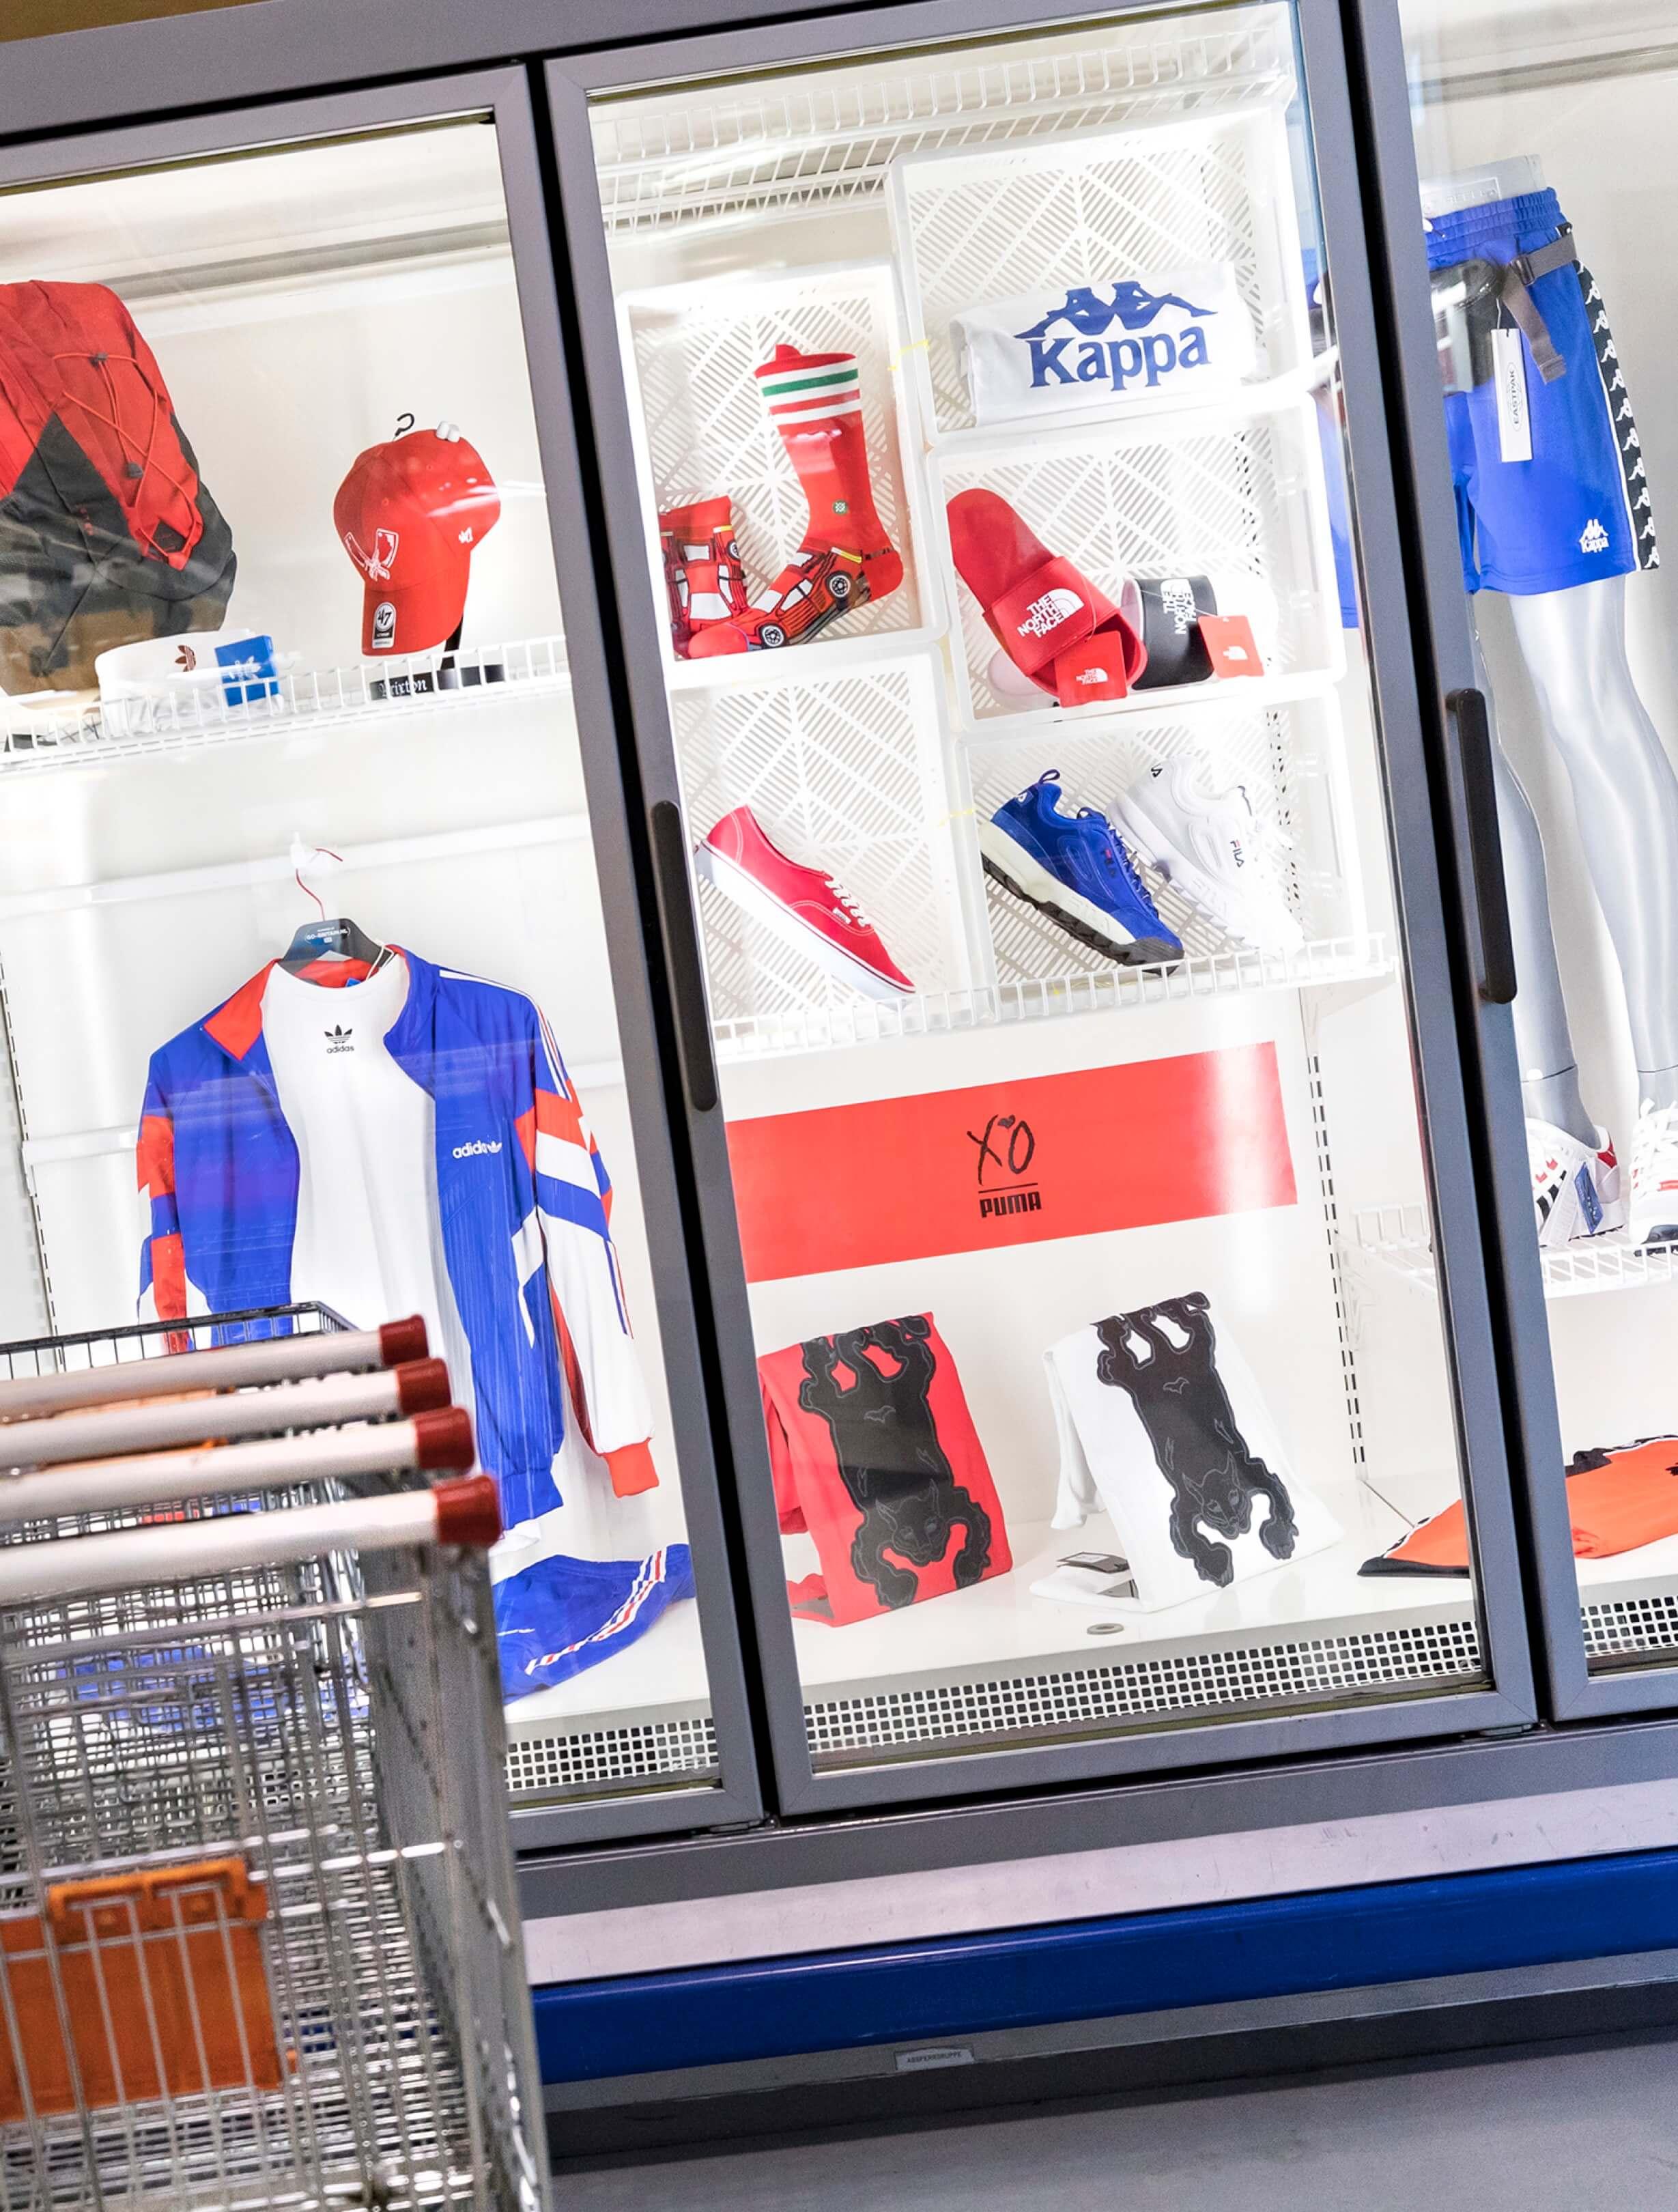 boek Circles of retail Boom beroepsonderwijs Sarphati Jurjen Poeles fotografie reportage retailconcept winkel shopping winkelen Go Britan Rotterdam